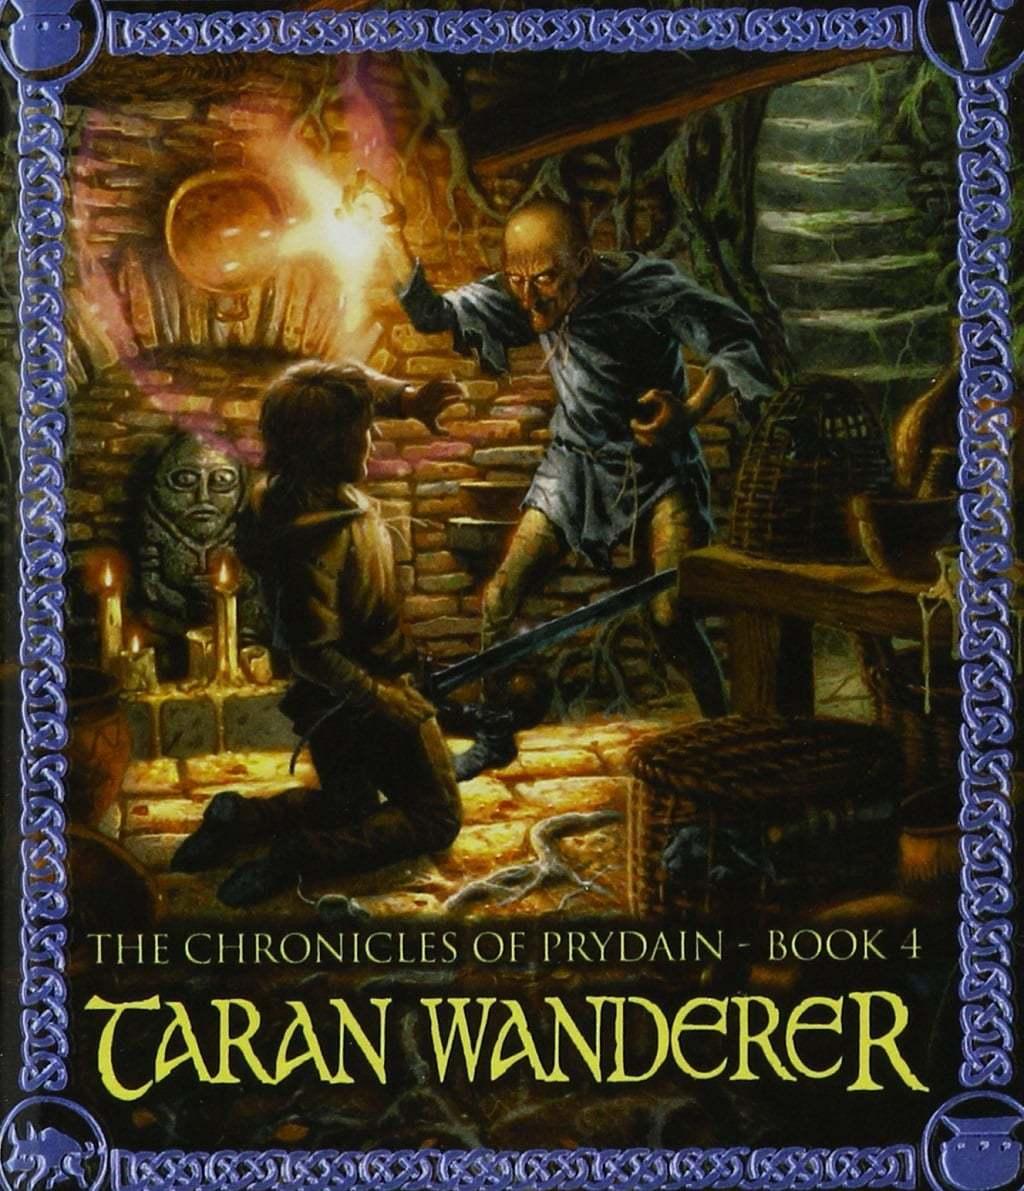 Taran Wanderer Audiobook Free Download